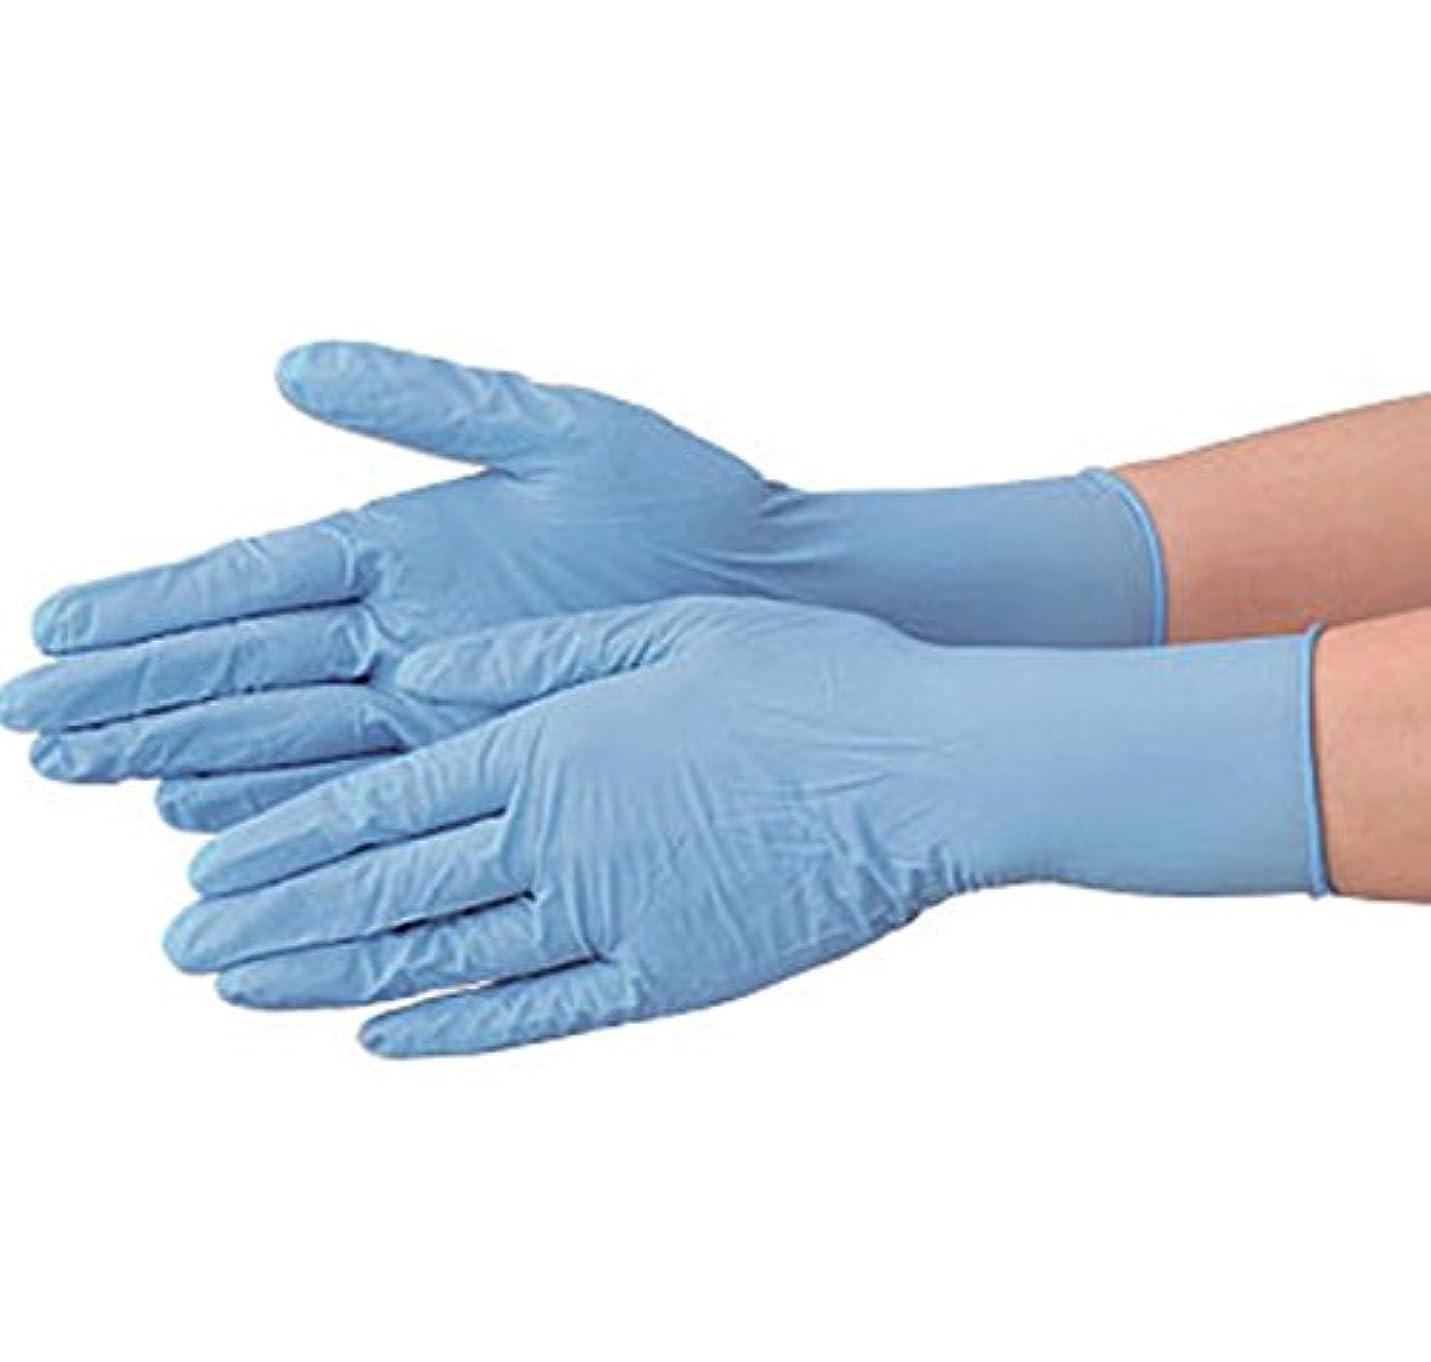 使い捨て 手袋 エブノ 532 ニトリルNEO ブルー Lサイズ パウダー付き 2ケース(100枚×60箱)